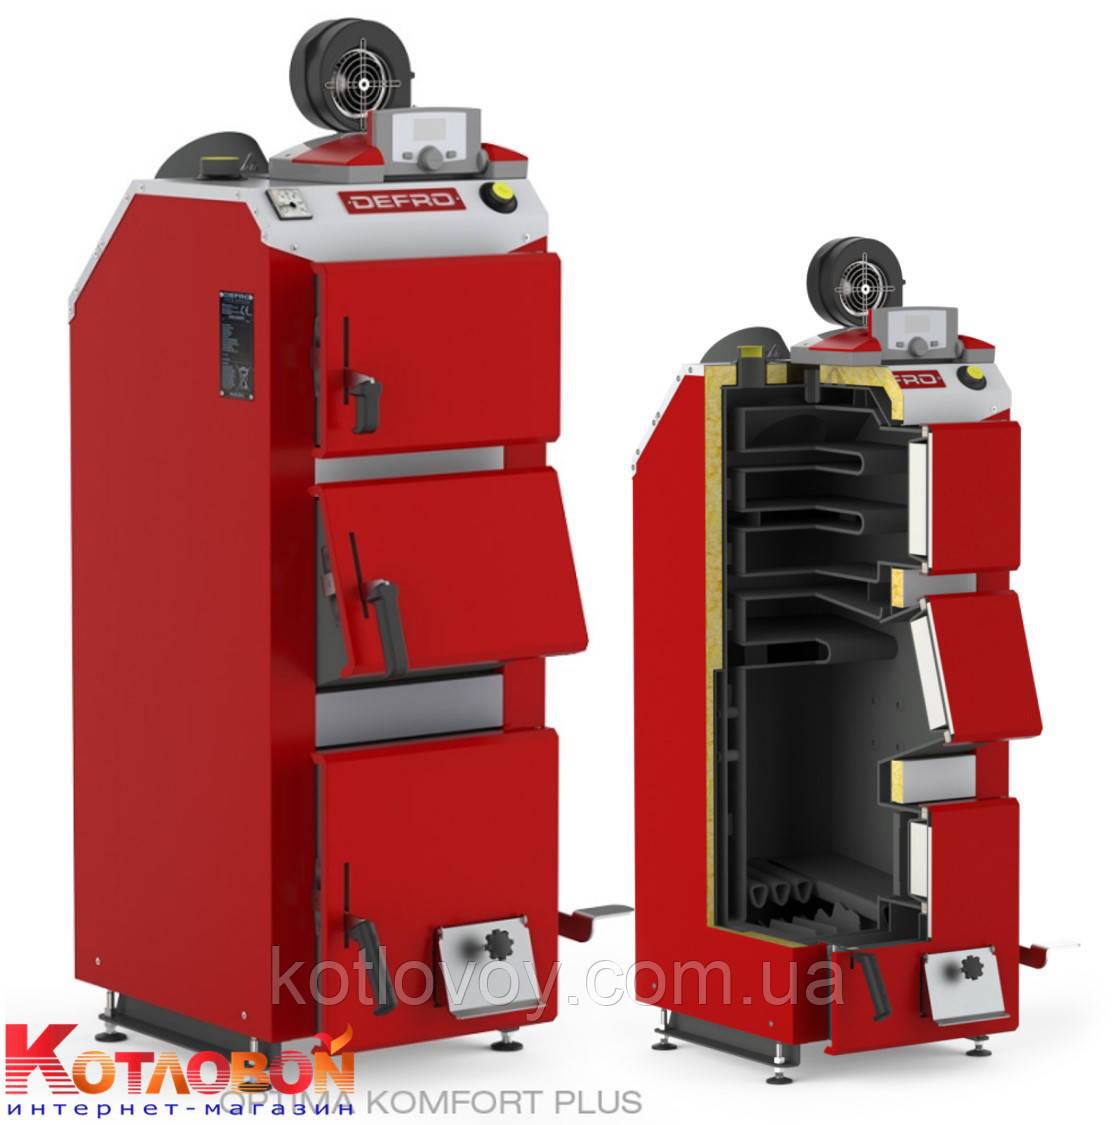 Твердотопливный котёл длительного горения Defro Optima Komfort Plus (Дефро Оптима Комфорт Плюс) 10 кВт, Длительного горения